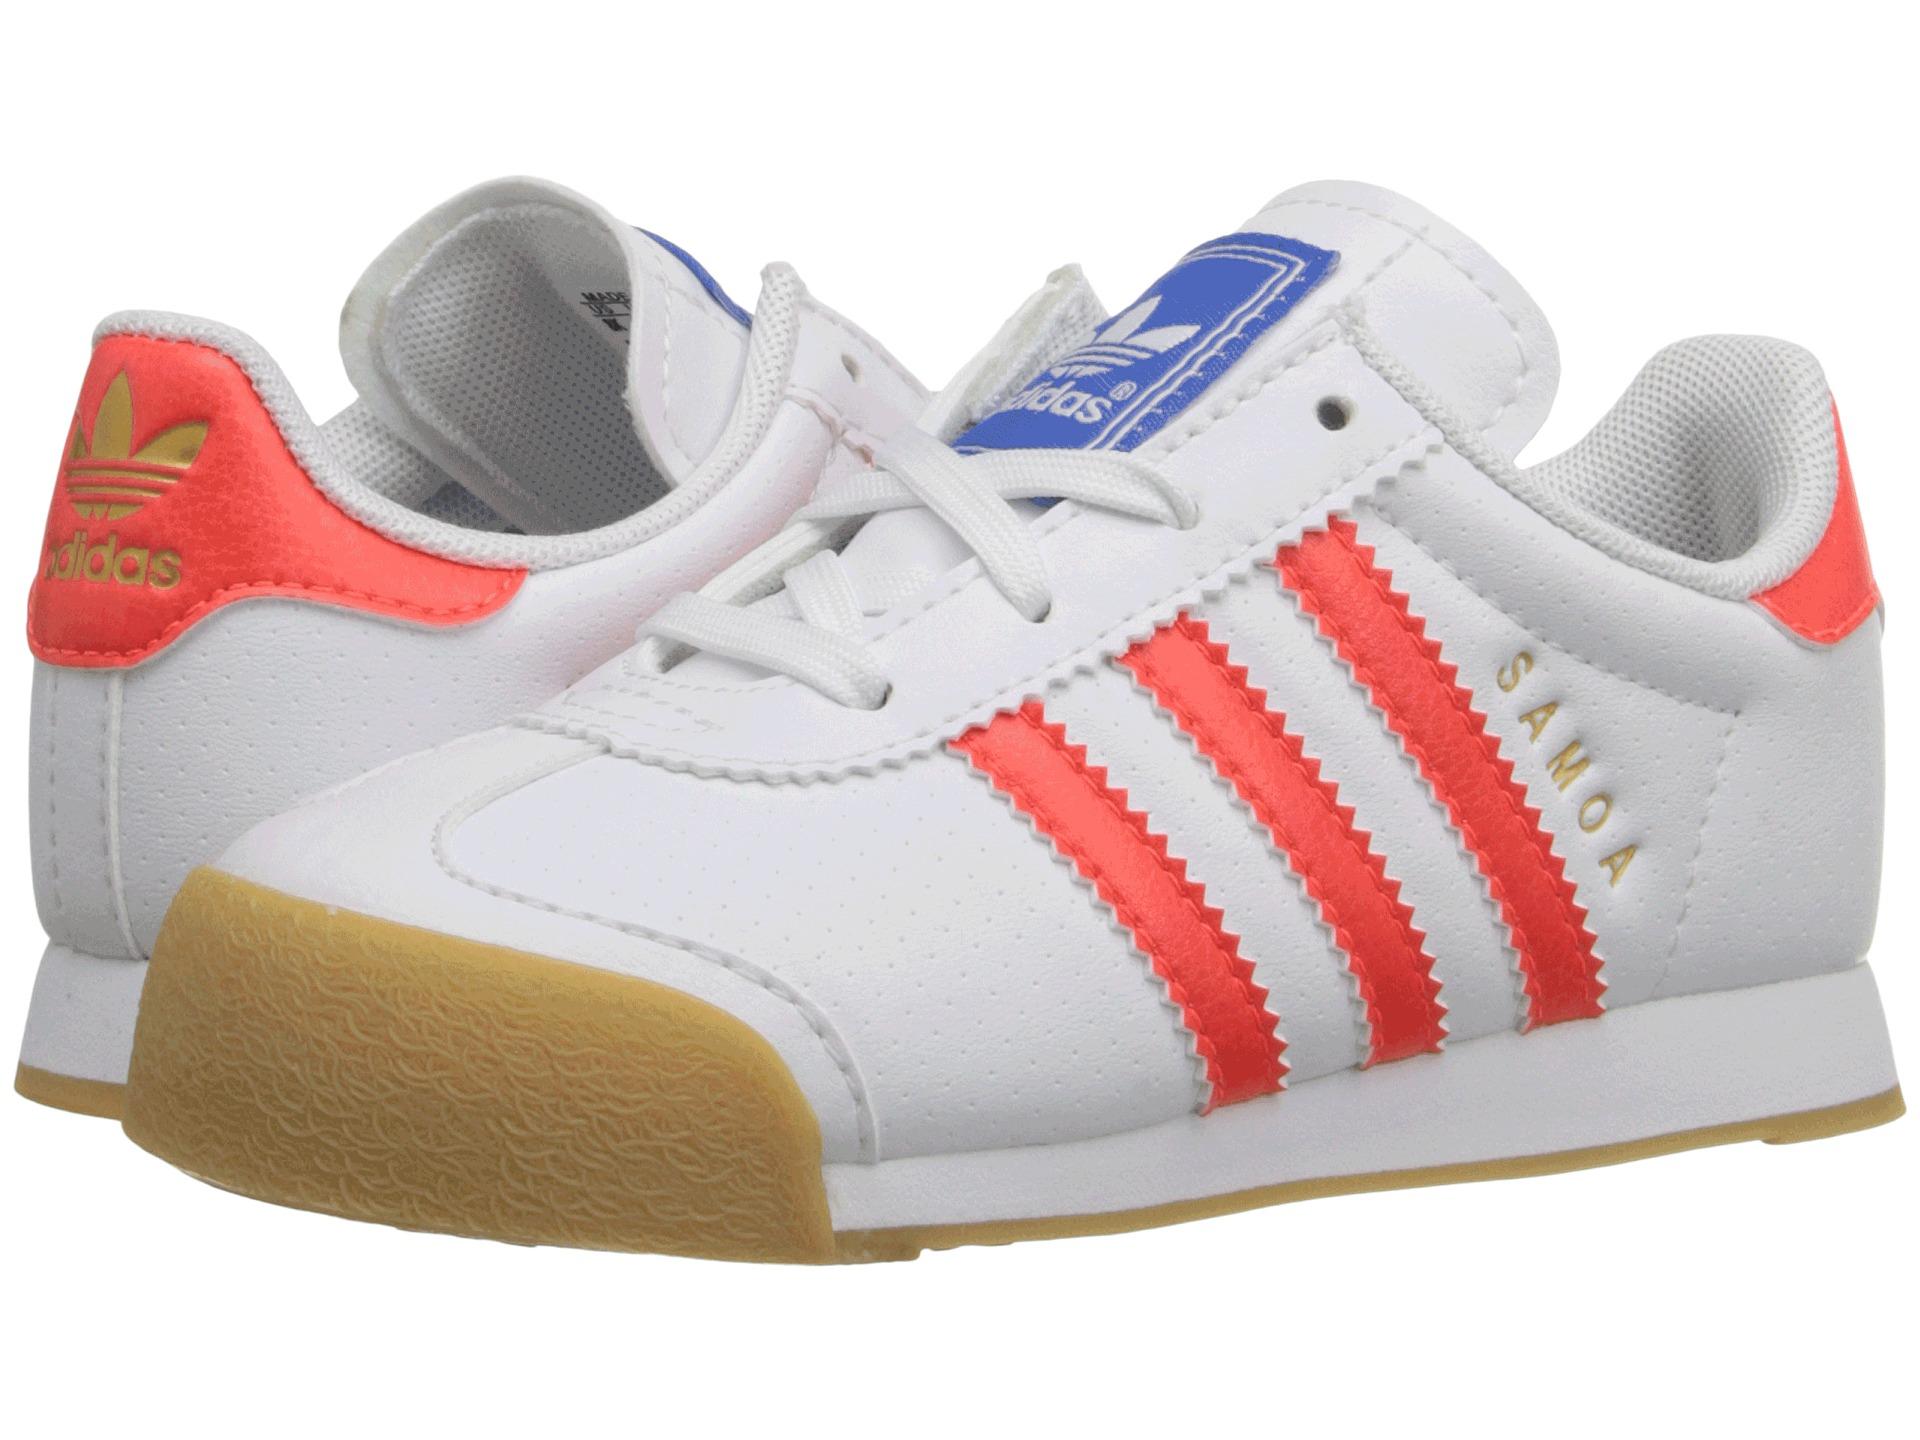 Kids Adidas Originals Samoa Shoes